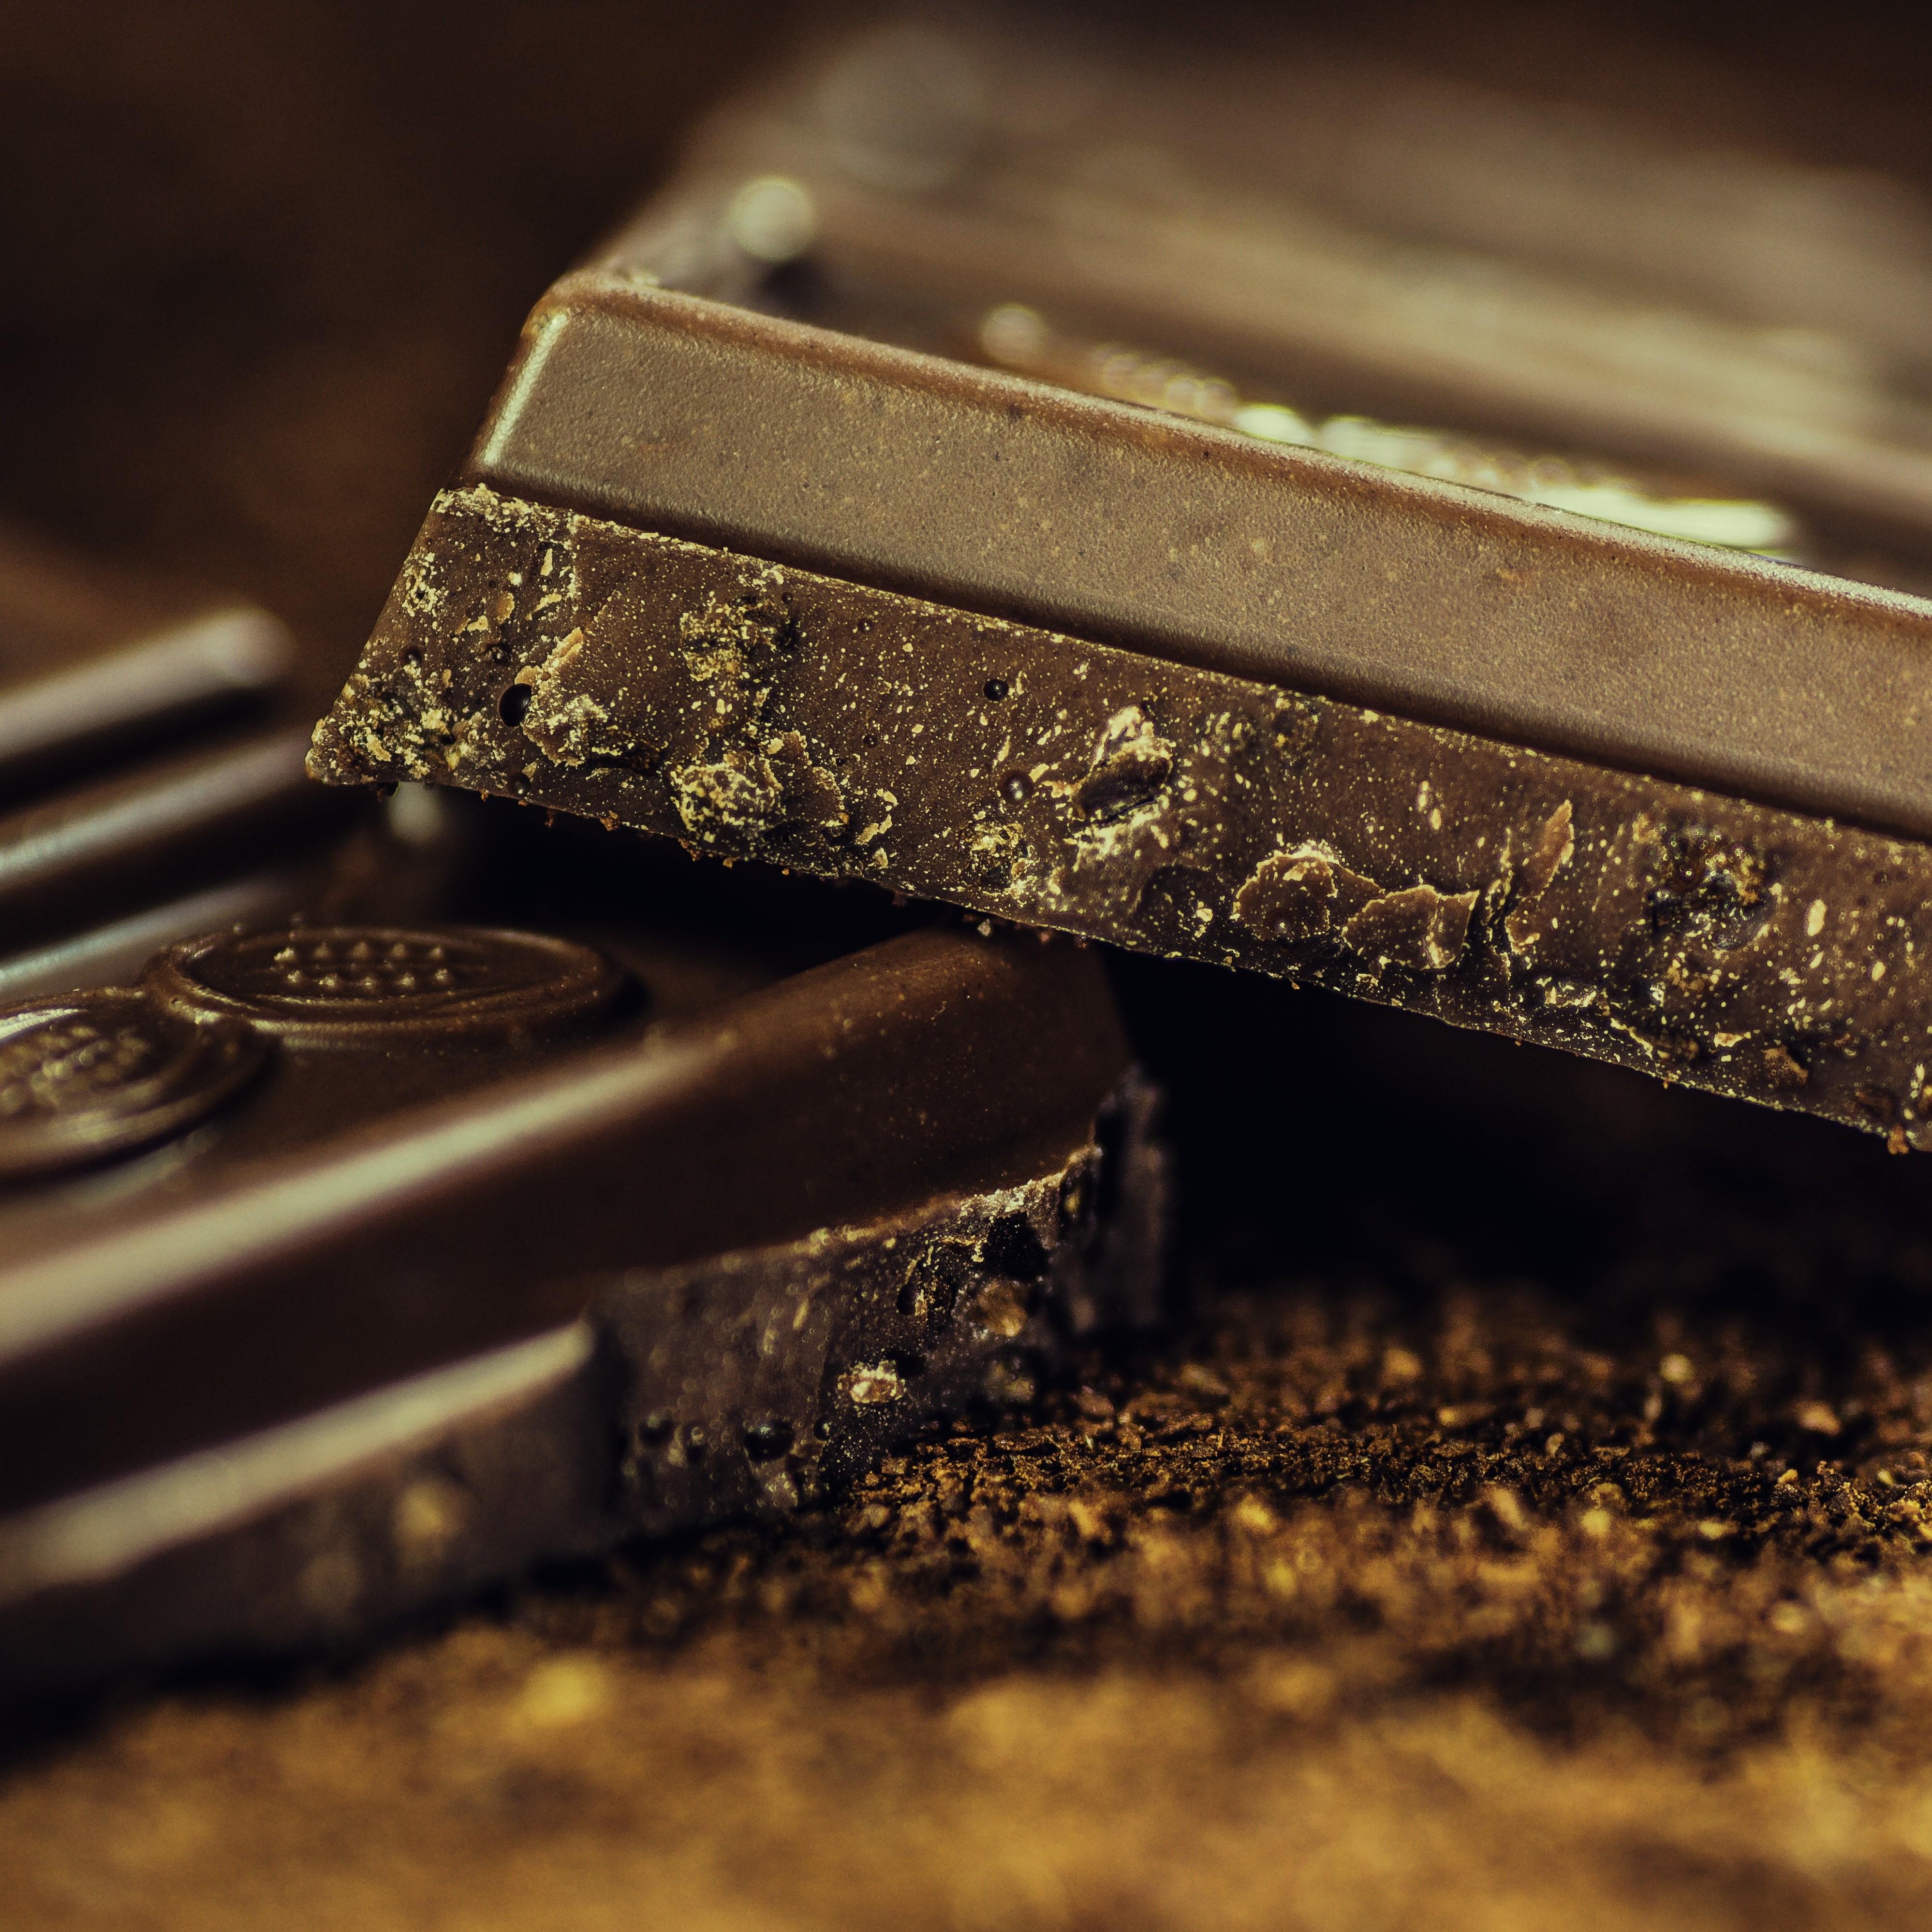 chocolat noir tablette carre